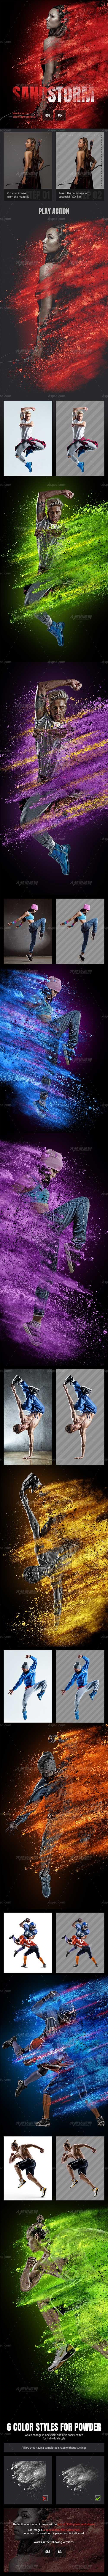 极品PS动作-沙尘暴艺术(含高清视频教程):Sandstorm Photoshop Action